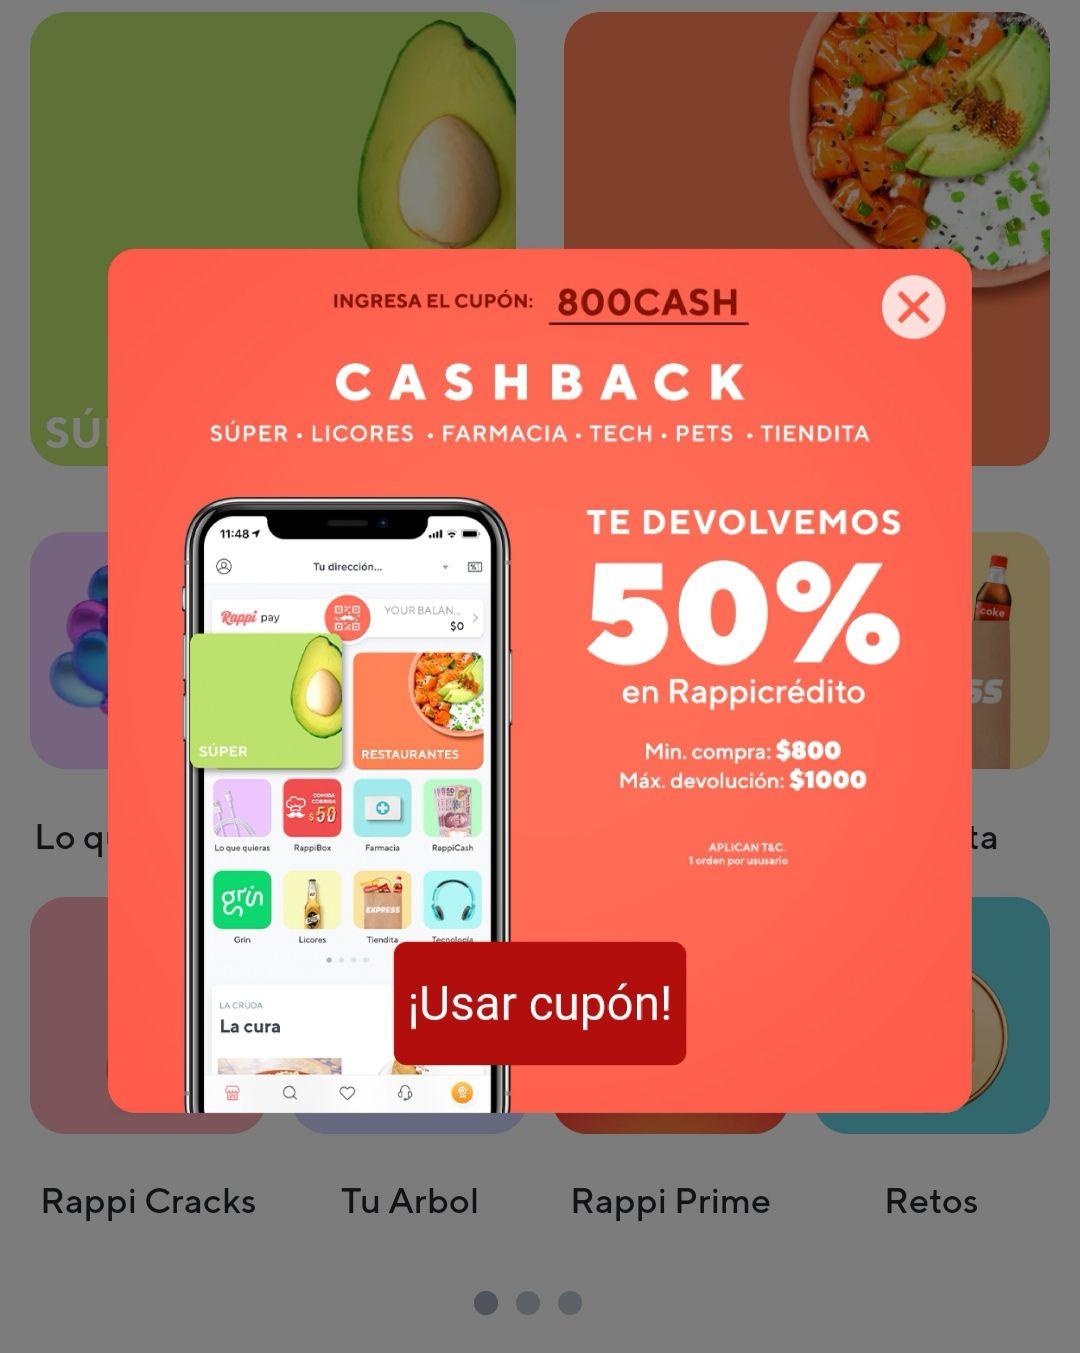 50% en cashback por rappi